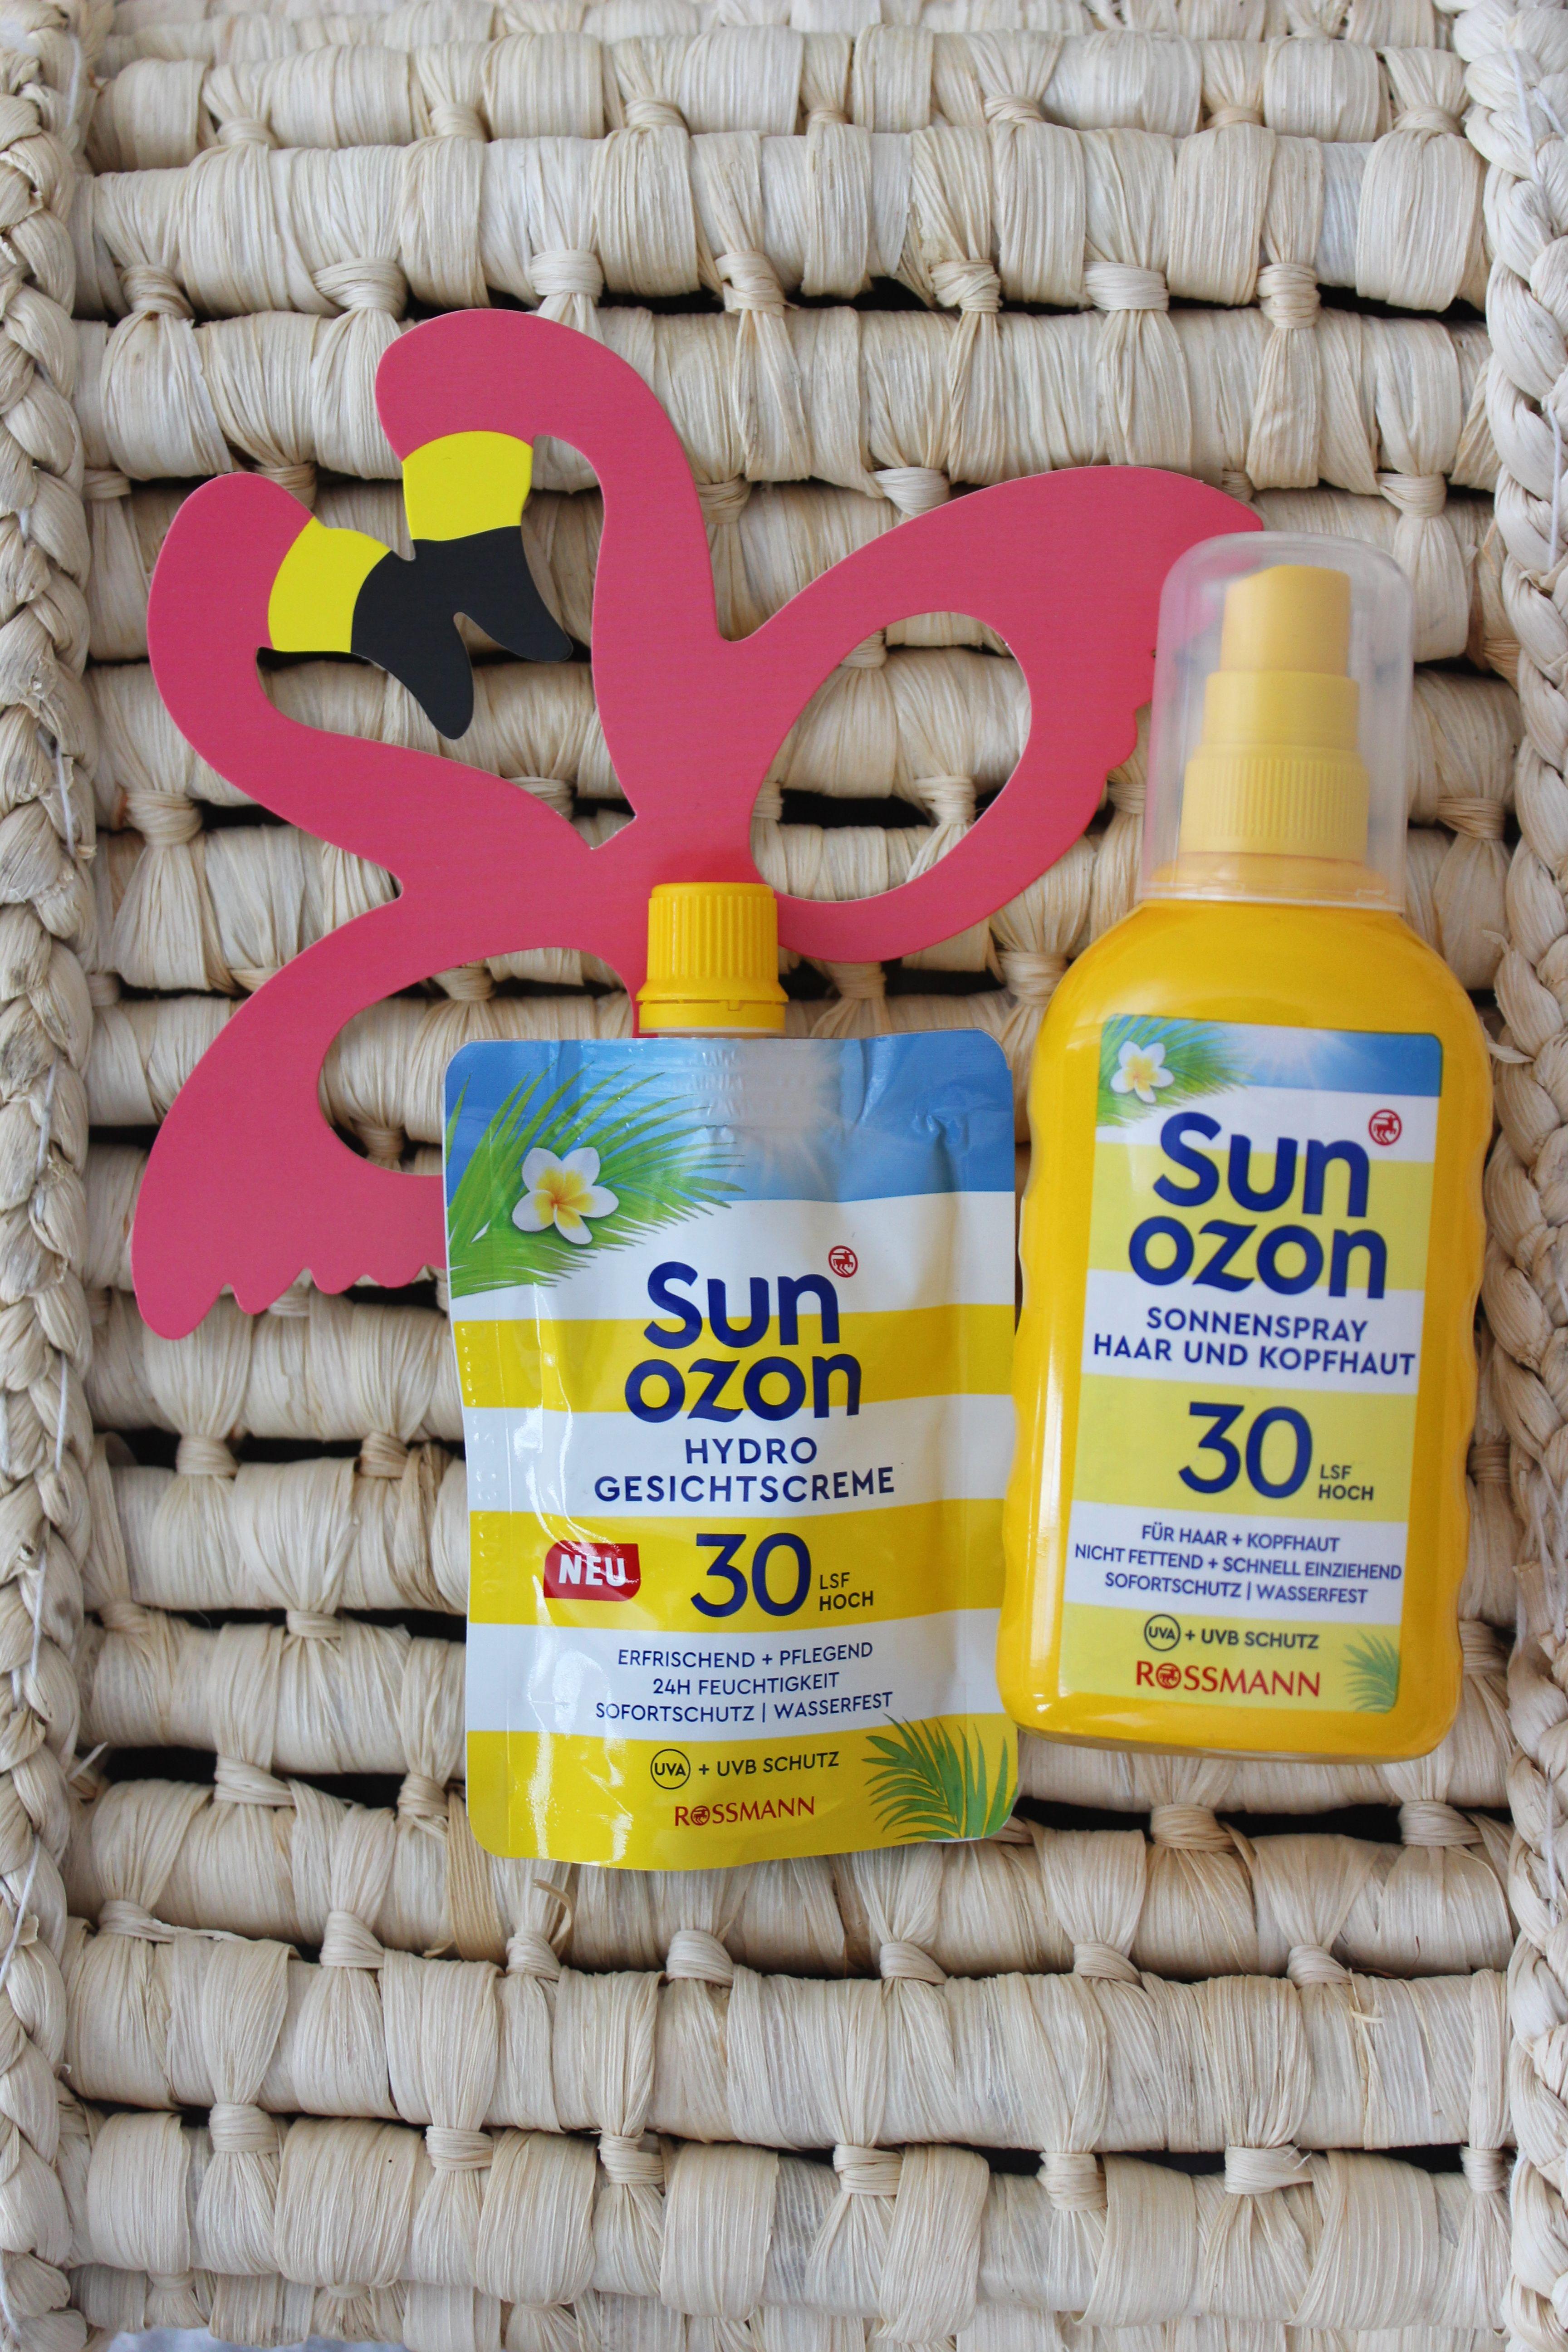 Preview Neues Bei Rossmann Von Sun Ozon Gesichtscreme Spray Tipps Und Tricks